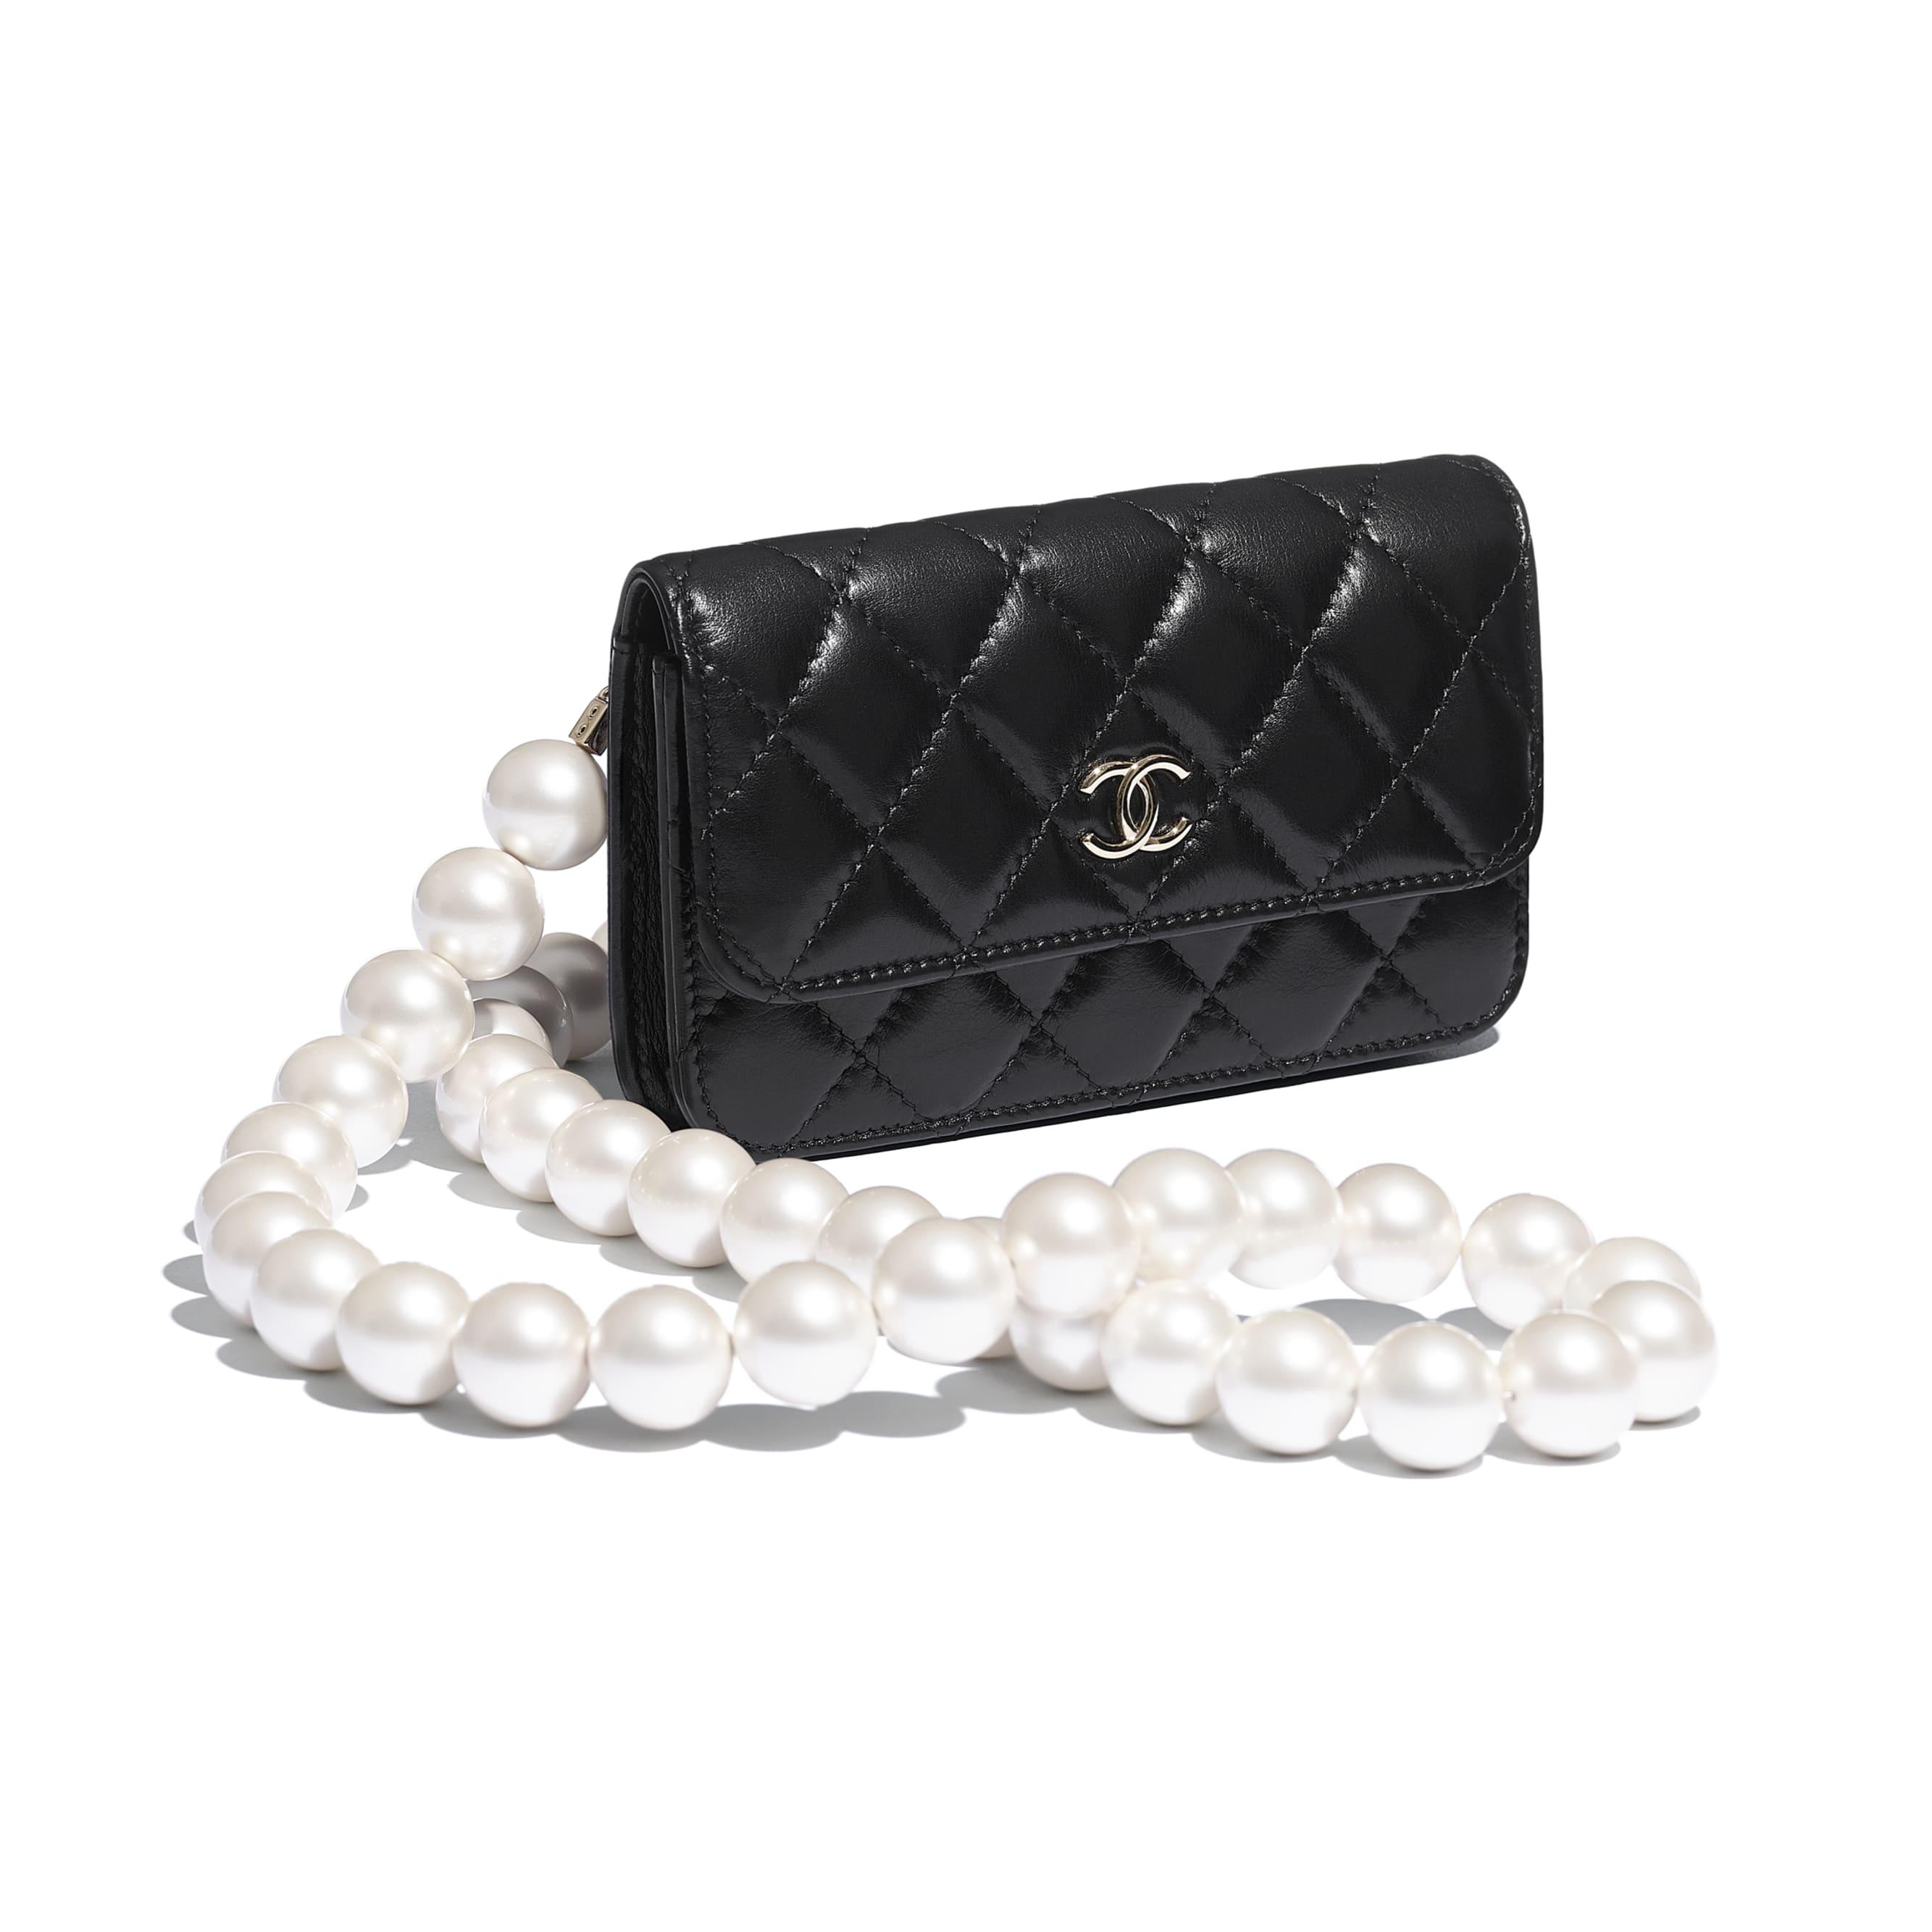 Pochette avec chaîne - Noir - Veau, perles d'imitation & métal doré - CHANEL - Vue supplémentaire - voir la version taille standard